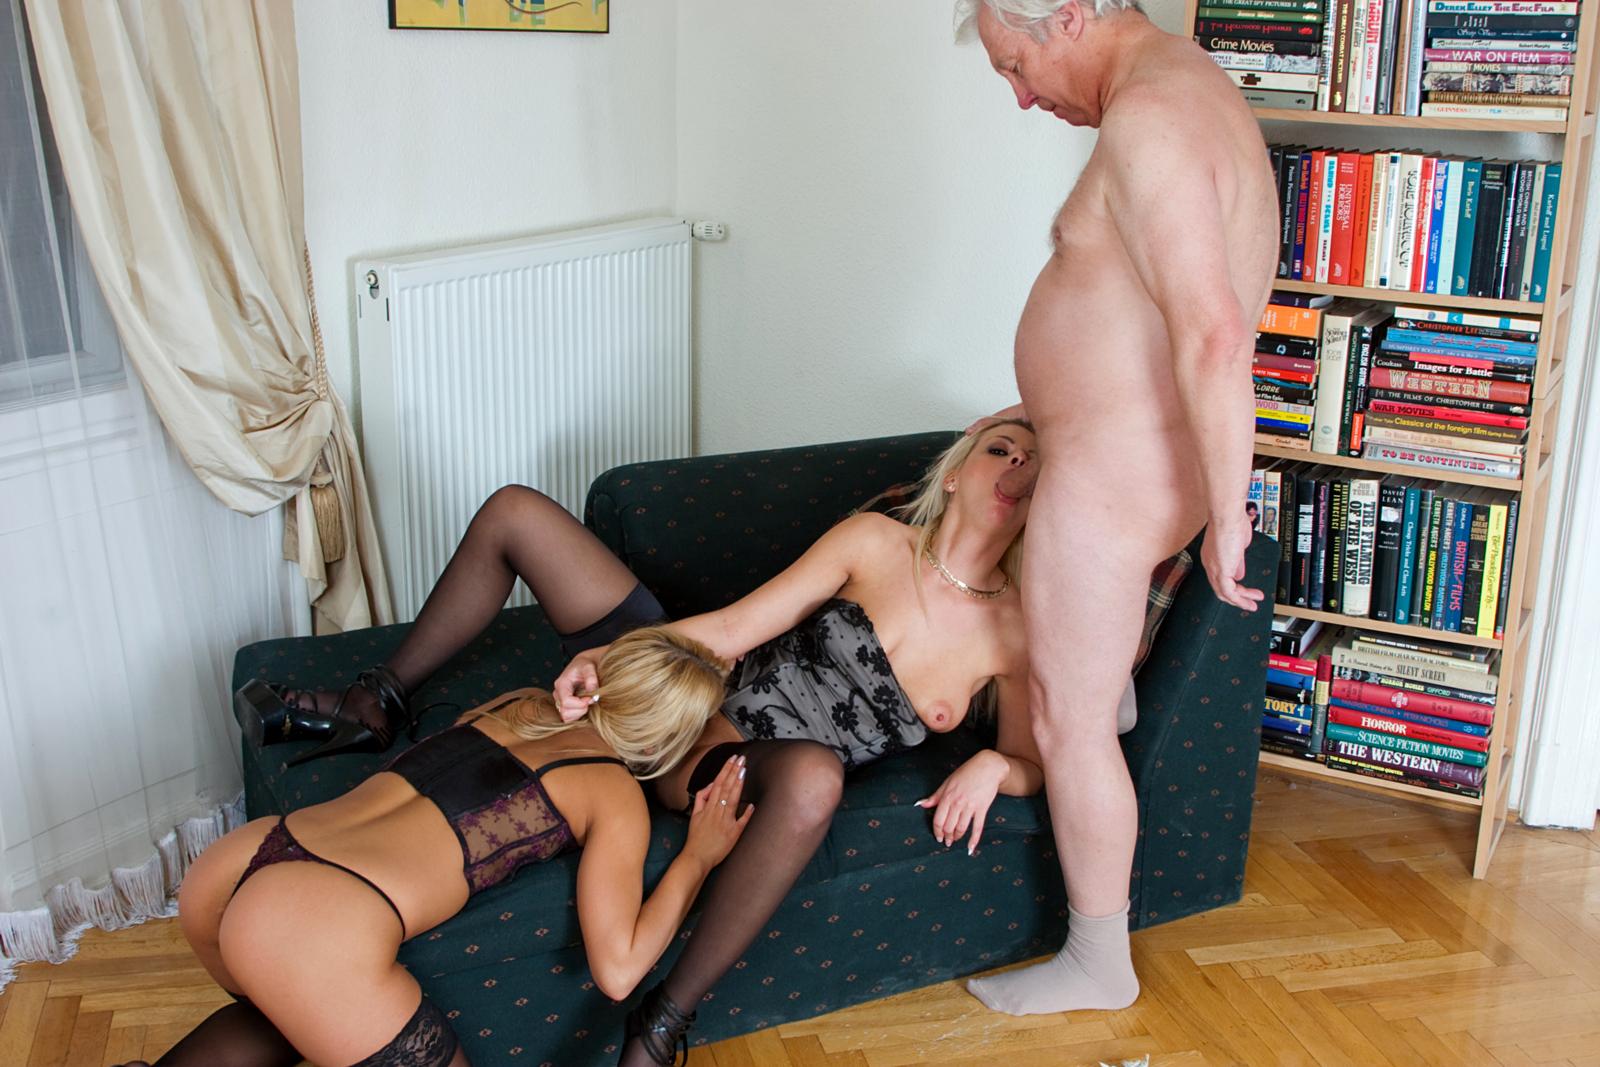 Старики с молодыми шлюхами порно, Порно видео со зрелыми мужчинами - секс молодых 3 фотография